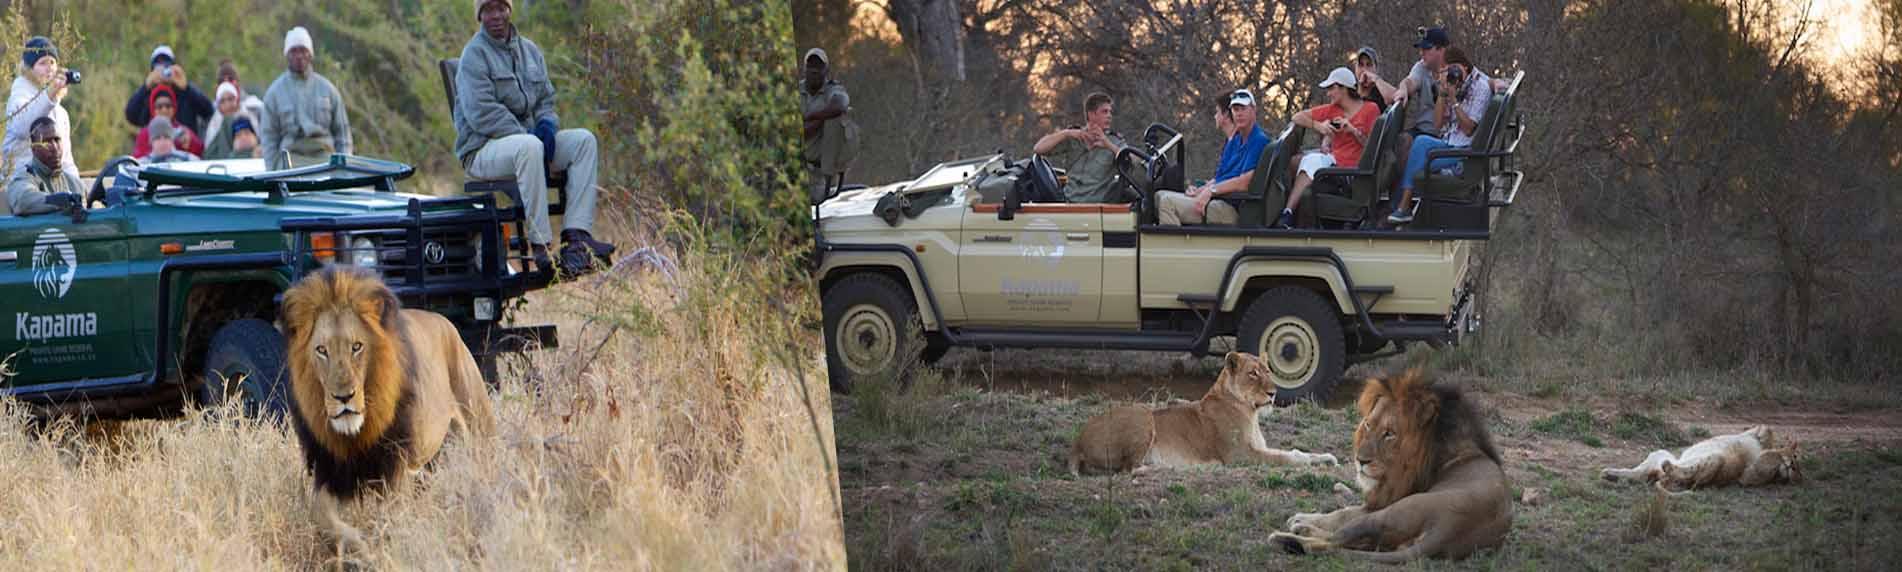 aquila wildlife safari